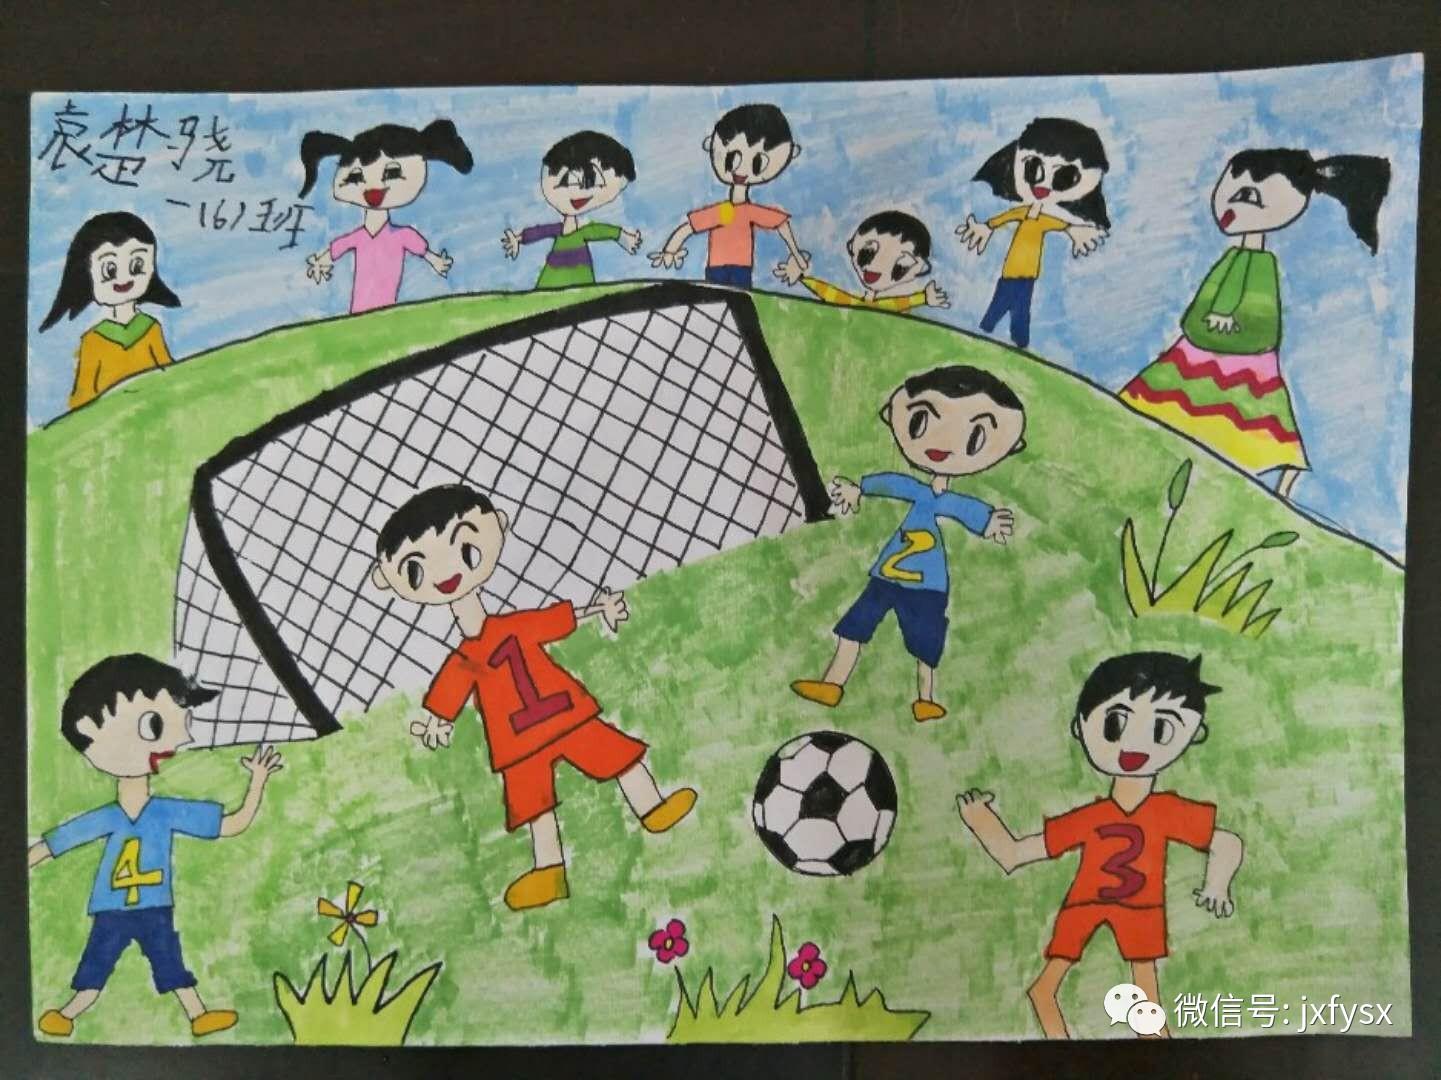 四项活动内容,分别为 班级足球联赛,趣味足球比赛,足球手抄报评比